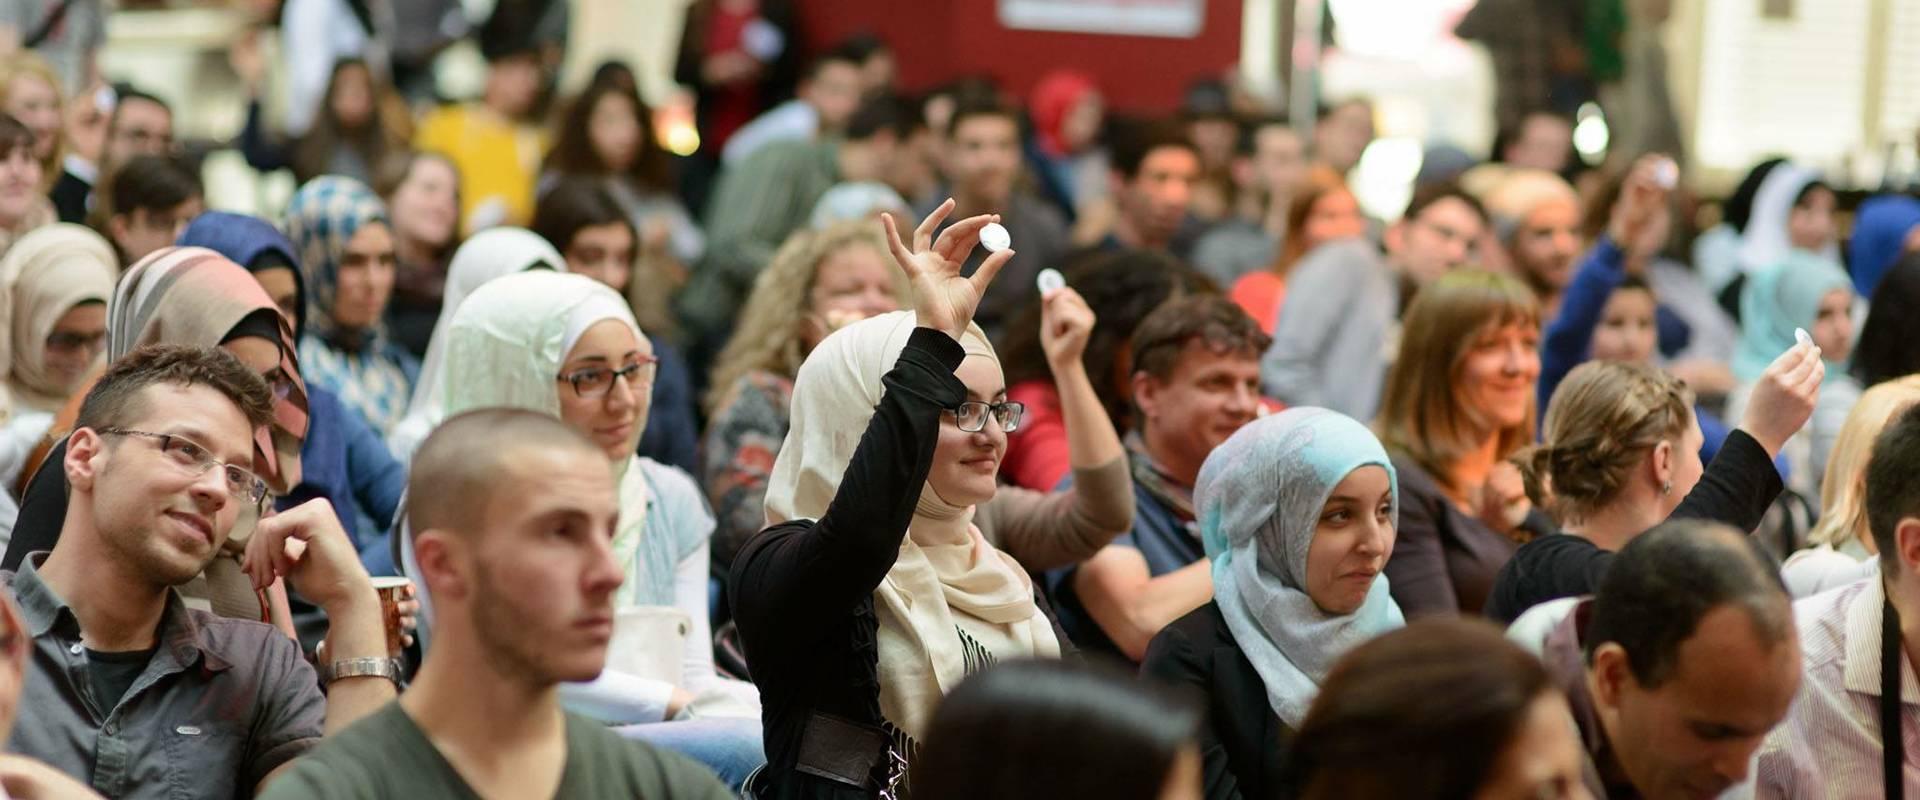 Das Publikum bei einer der Veranstaltungen des 2011 gegründeten Dichterswettstreits »I,Slam«